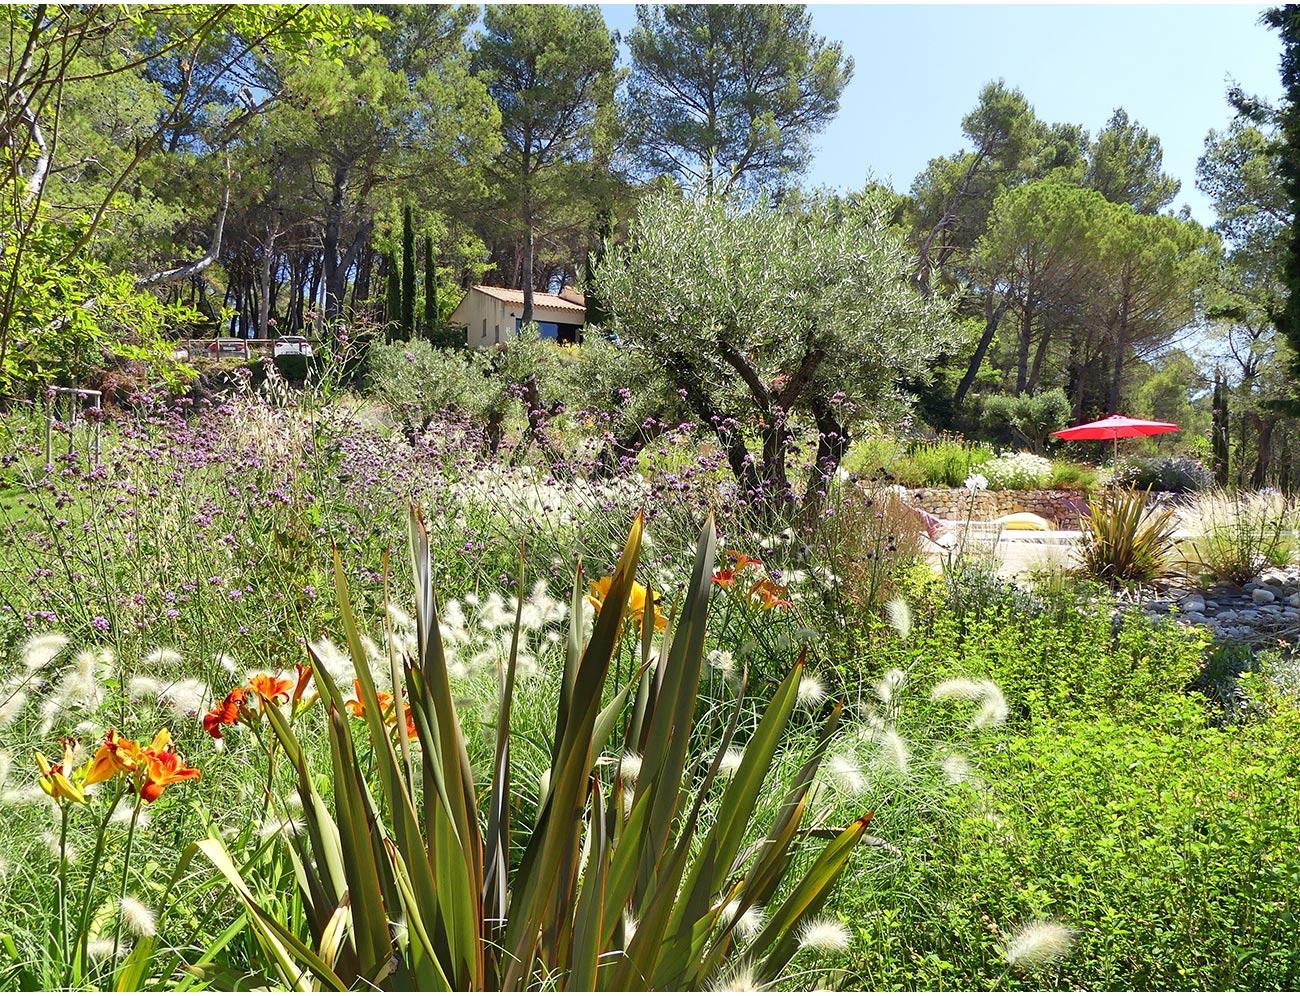 Atelier Naudier - Architecte paysagiste concepteur - Montpellier et Aix en Provence - Jardin méditerranéen fleuri et naturel - aménagement jardin